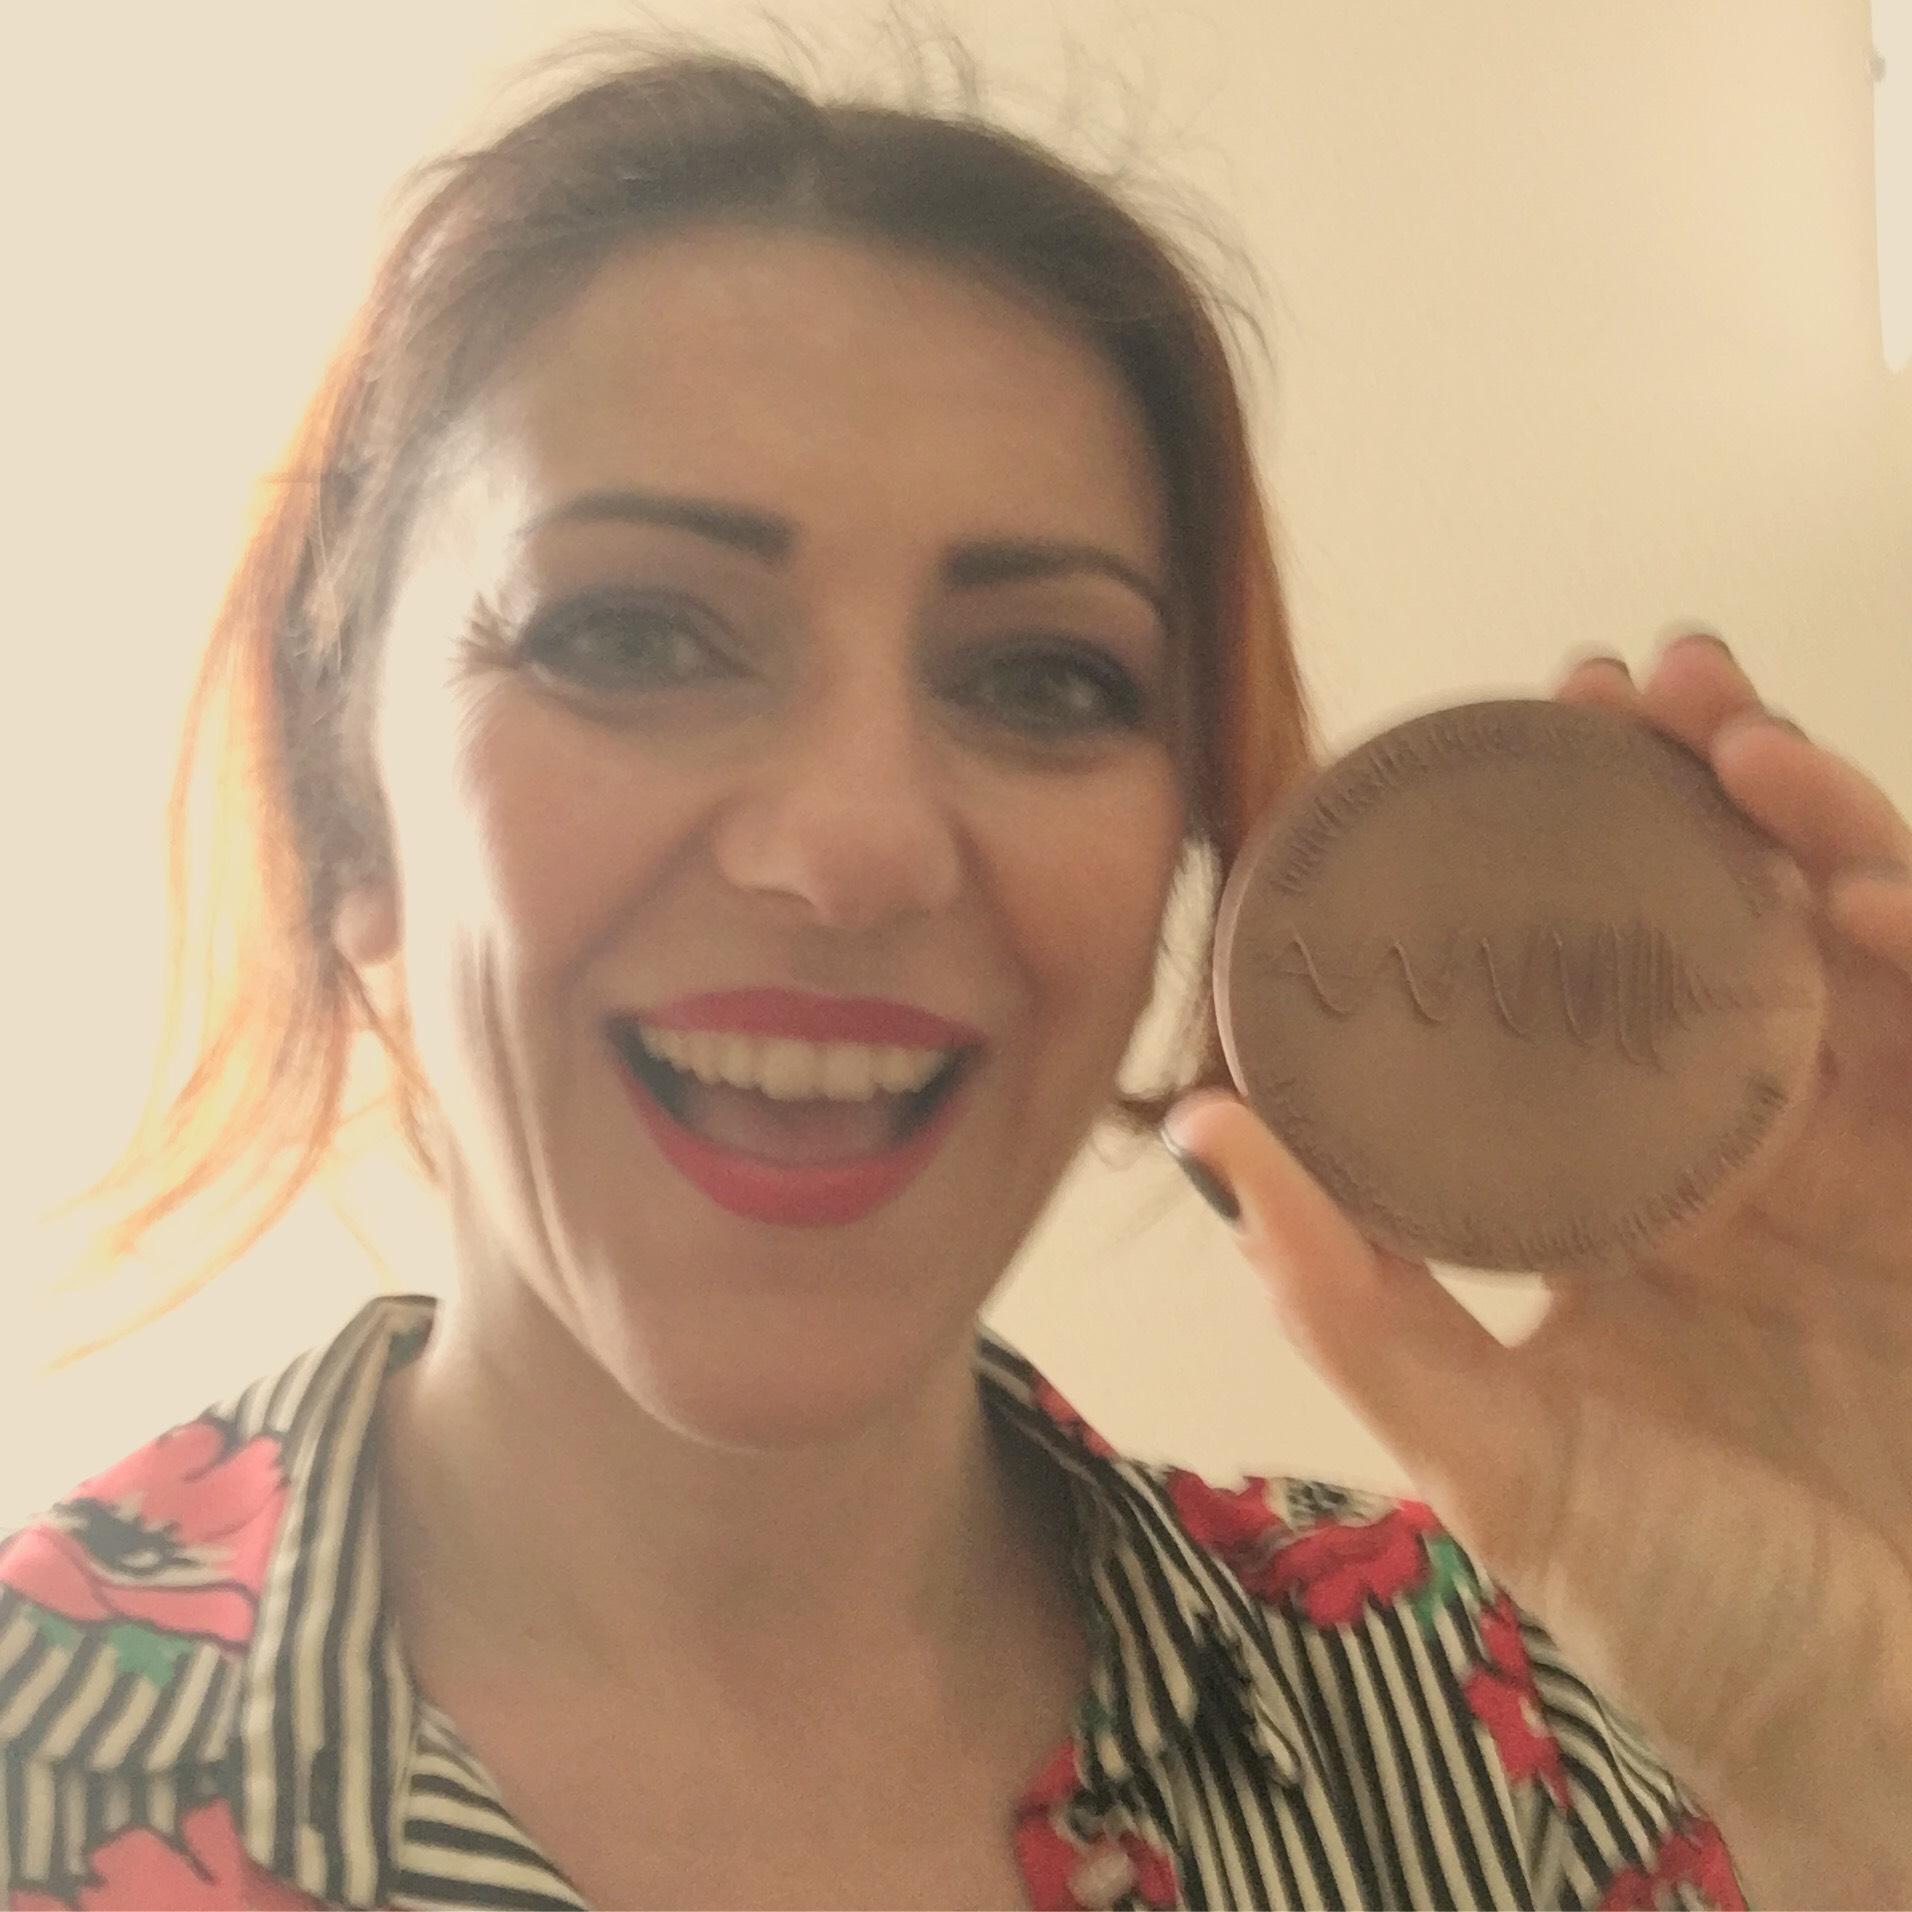 Fiera della mia Medaglia di Bronzo al Premio Galileo 2018!!! …ed ecco le tante interviste e lo stralcio della cerimonia con me!